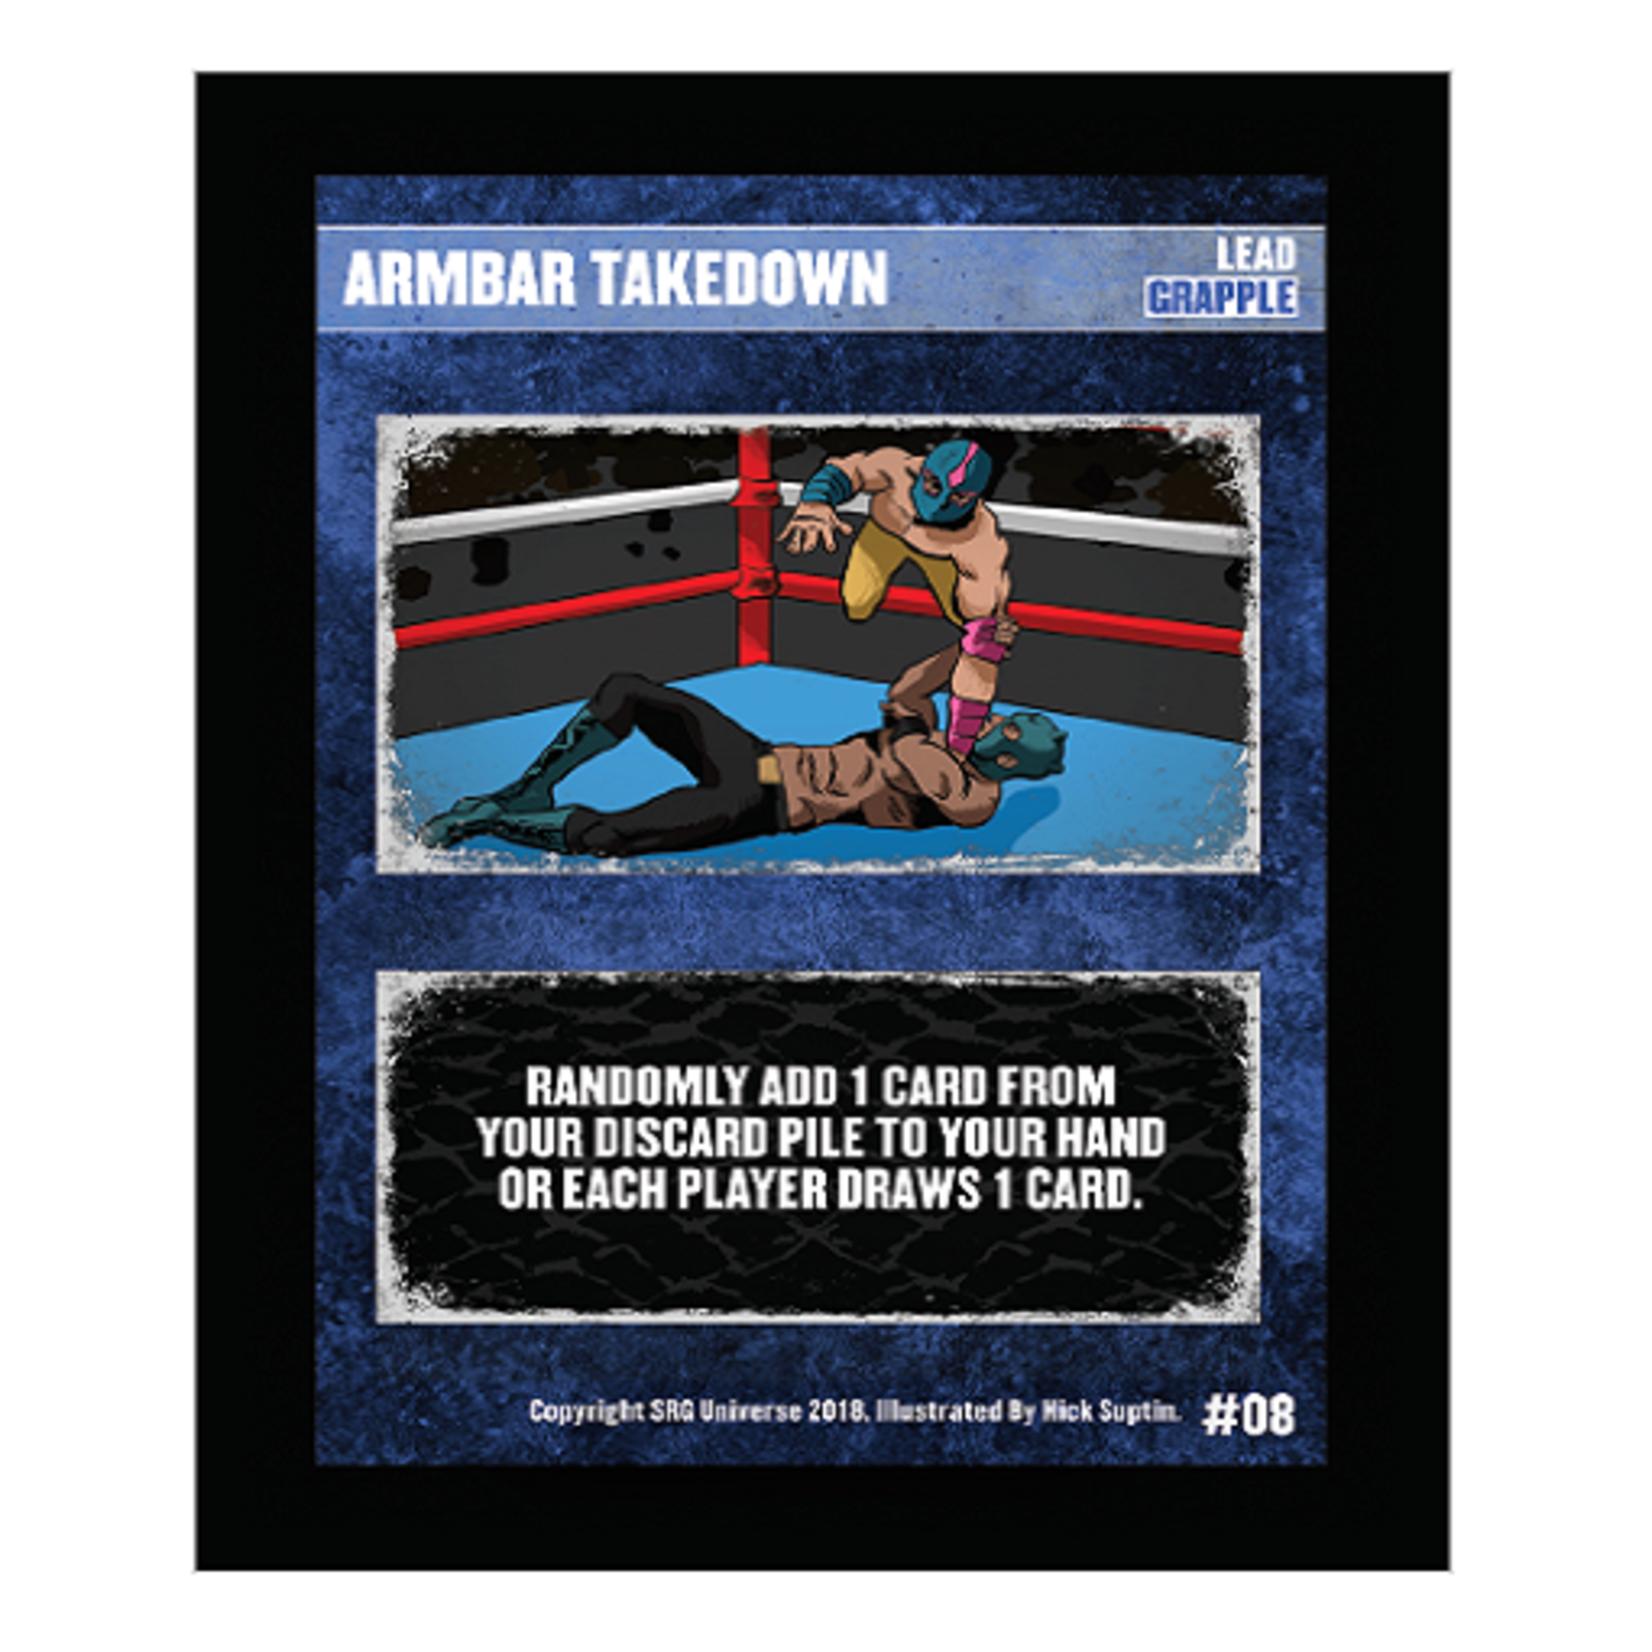 SRG Armbar Takedown